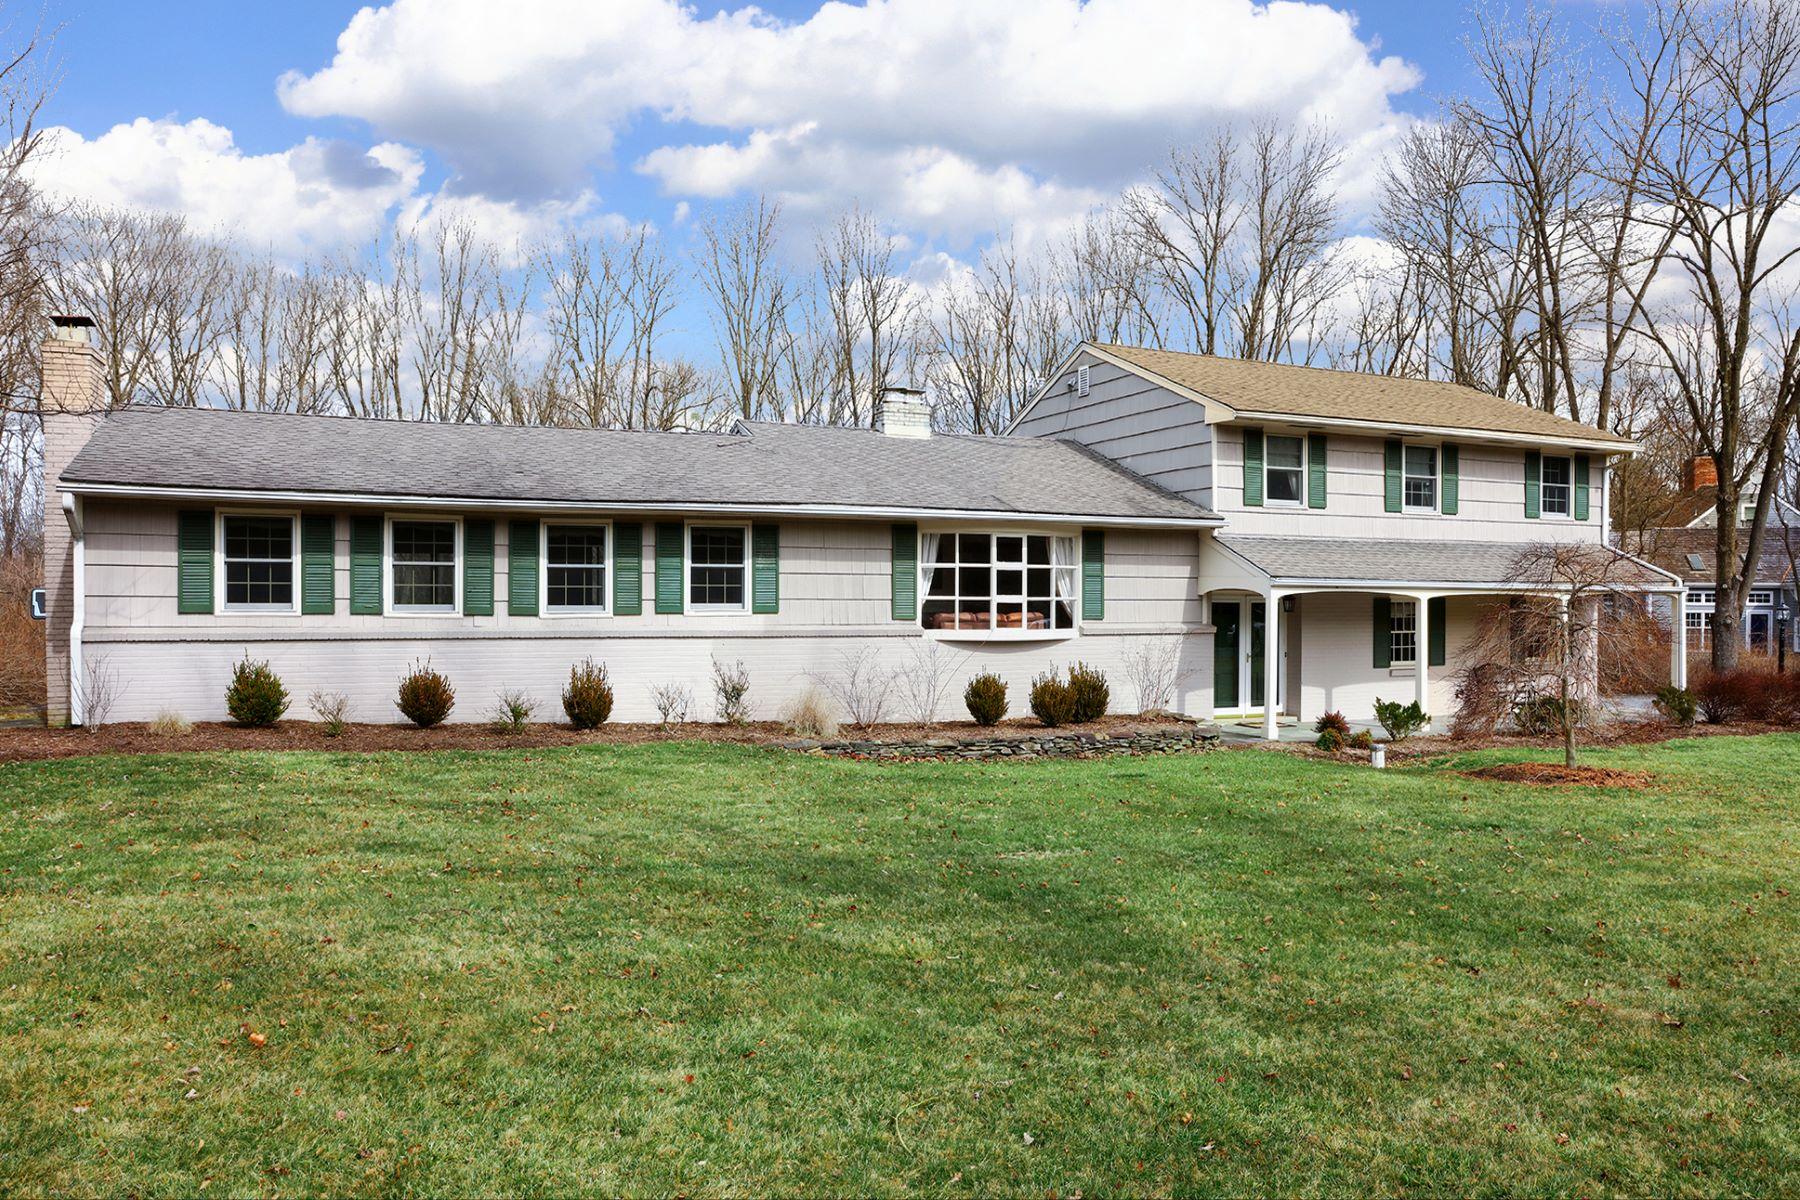 단독 가정 주택 용 매매 에 Move Right In - Montgomery Township 30 Cherry Brook Drive Princeton, 뉴저지, 08540 미국